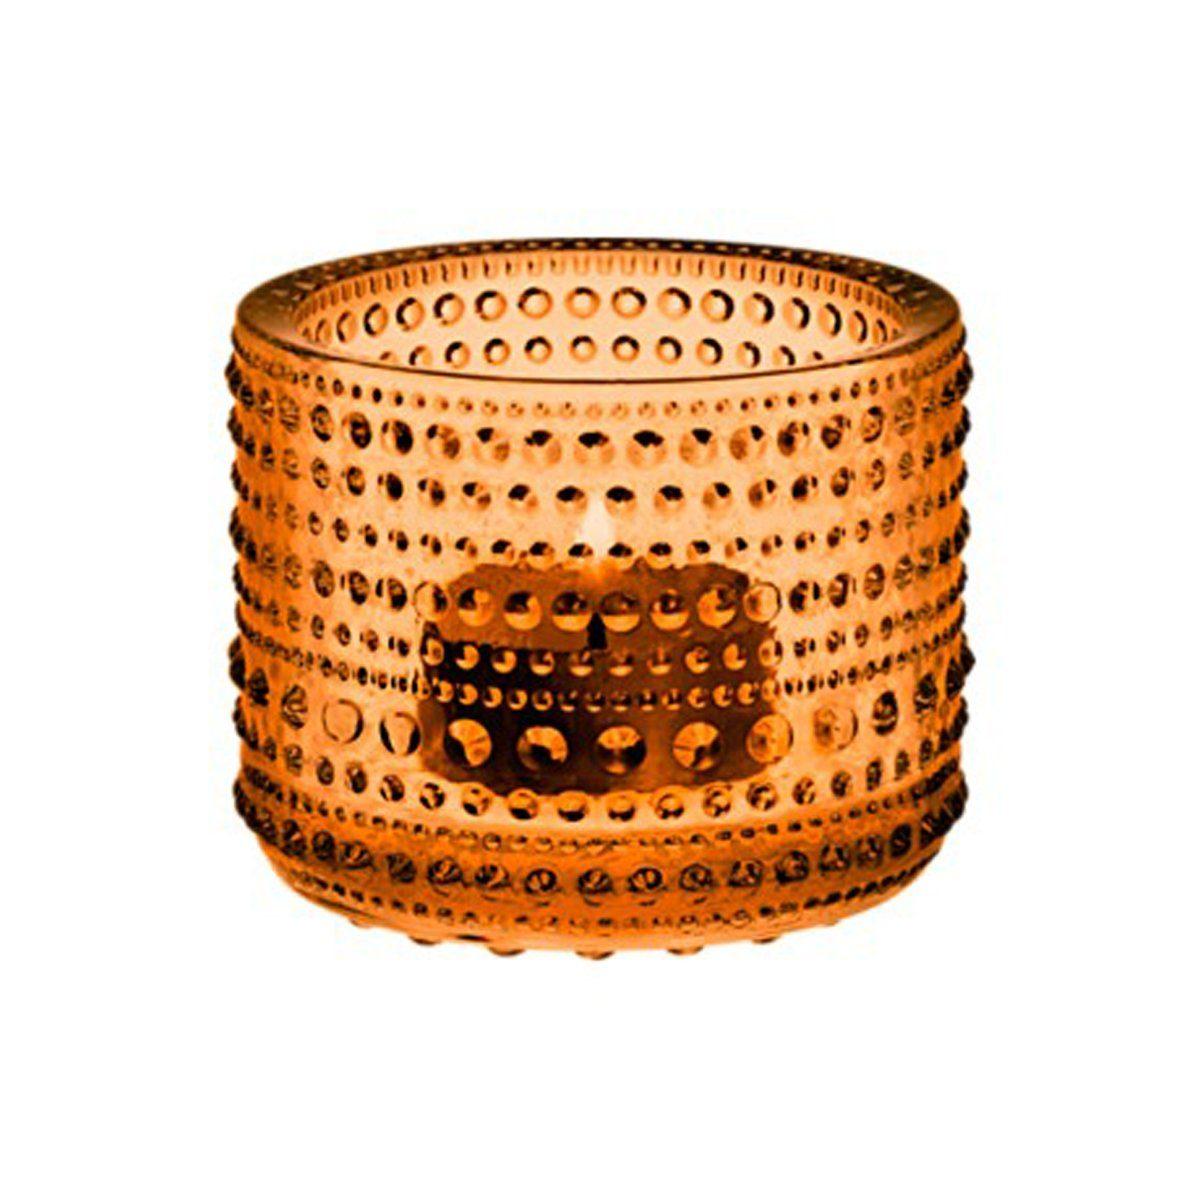 IITTALA Iittala Teelichthalter KASTEHELMI seville orange 6.4 cm